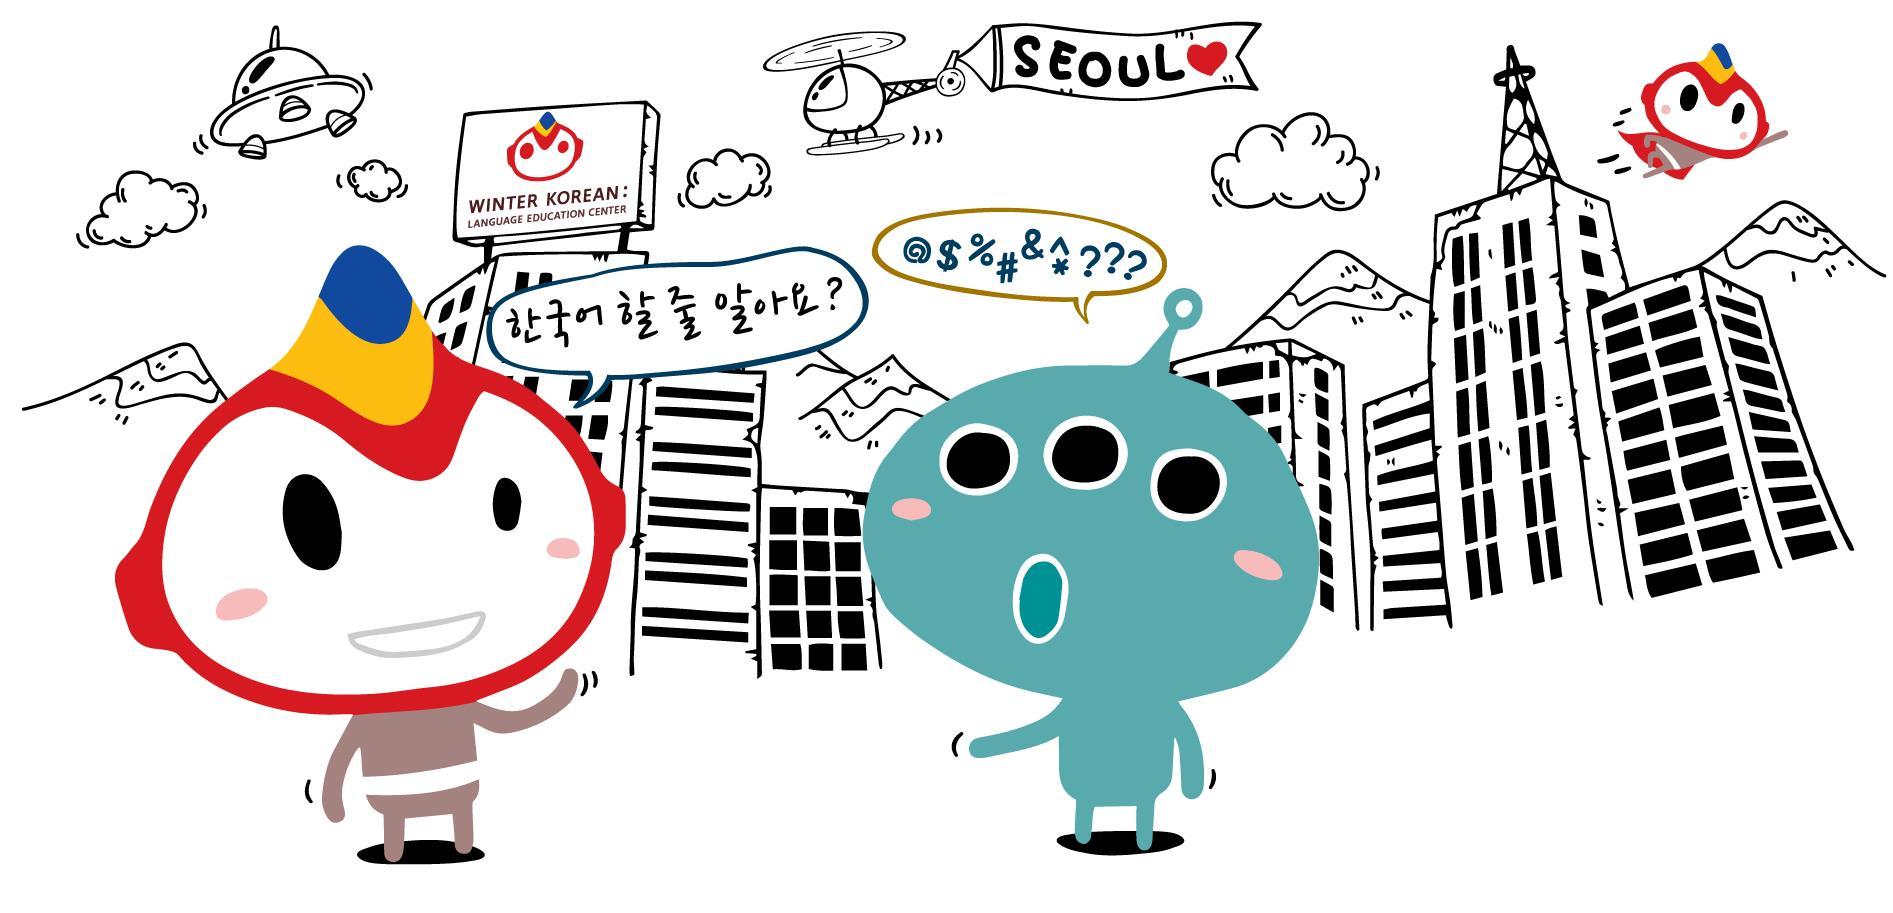 Thêm nhiều triển vọng hơn với ngành ngôn ngữ Hàn Quốc